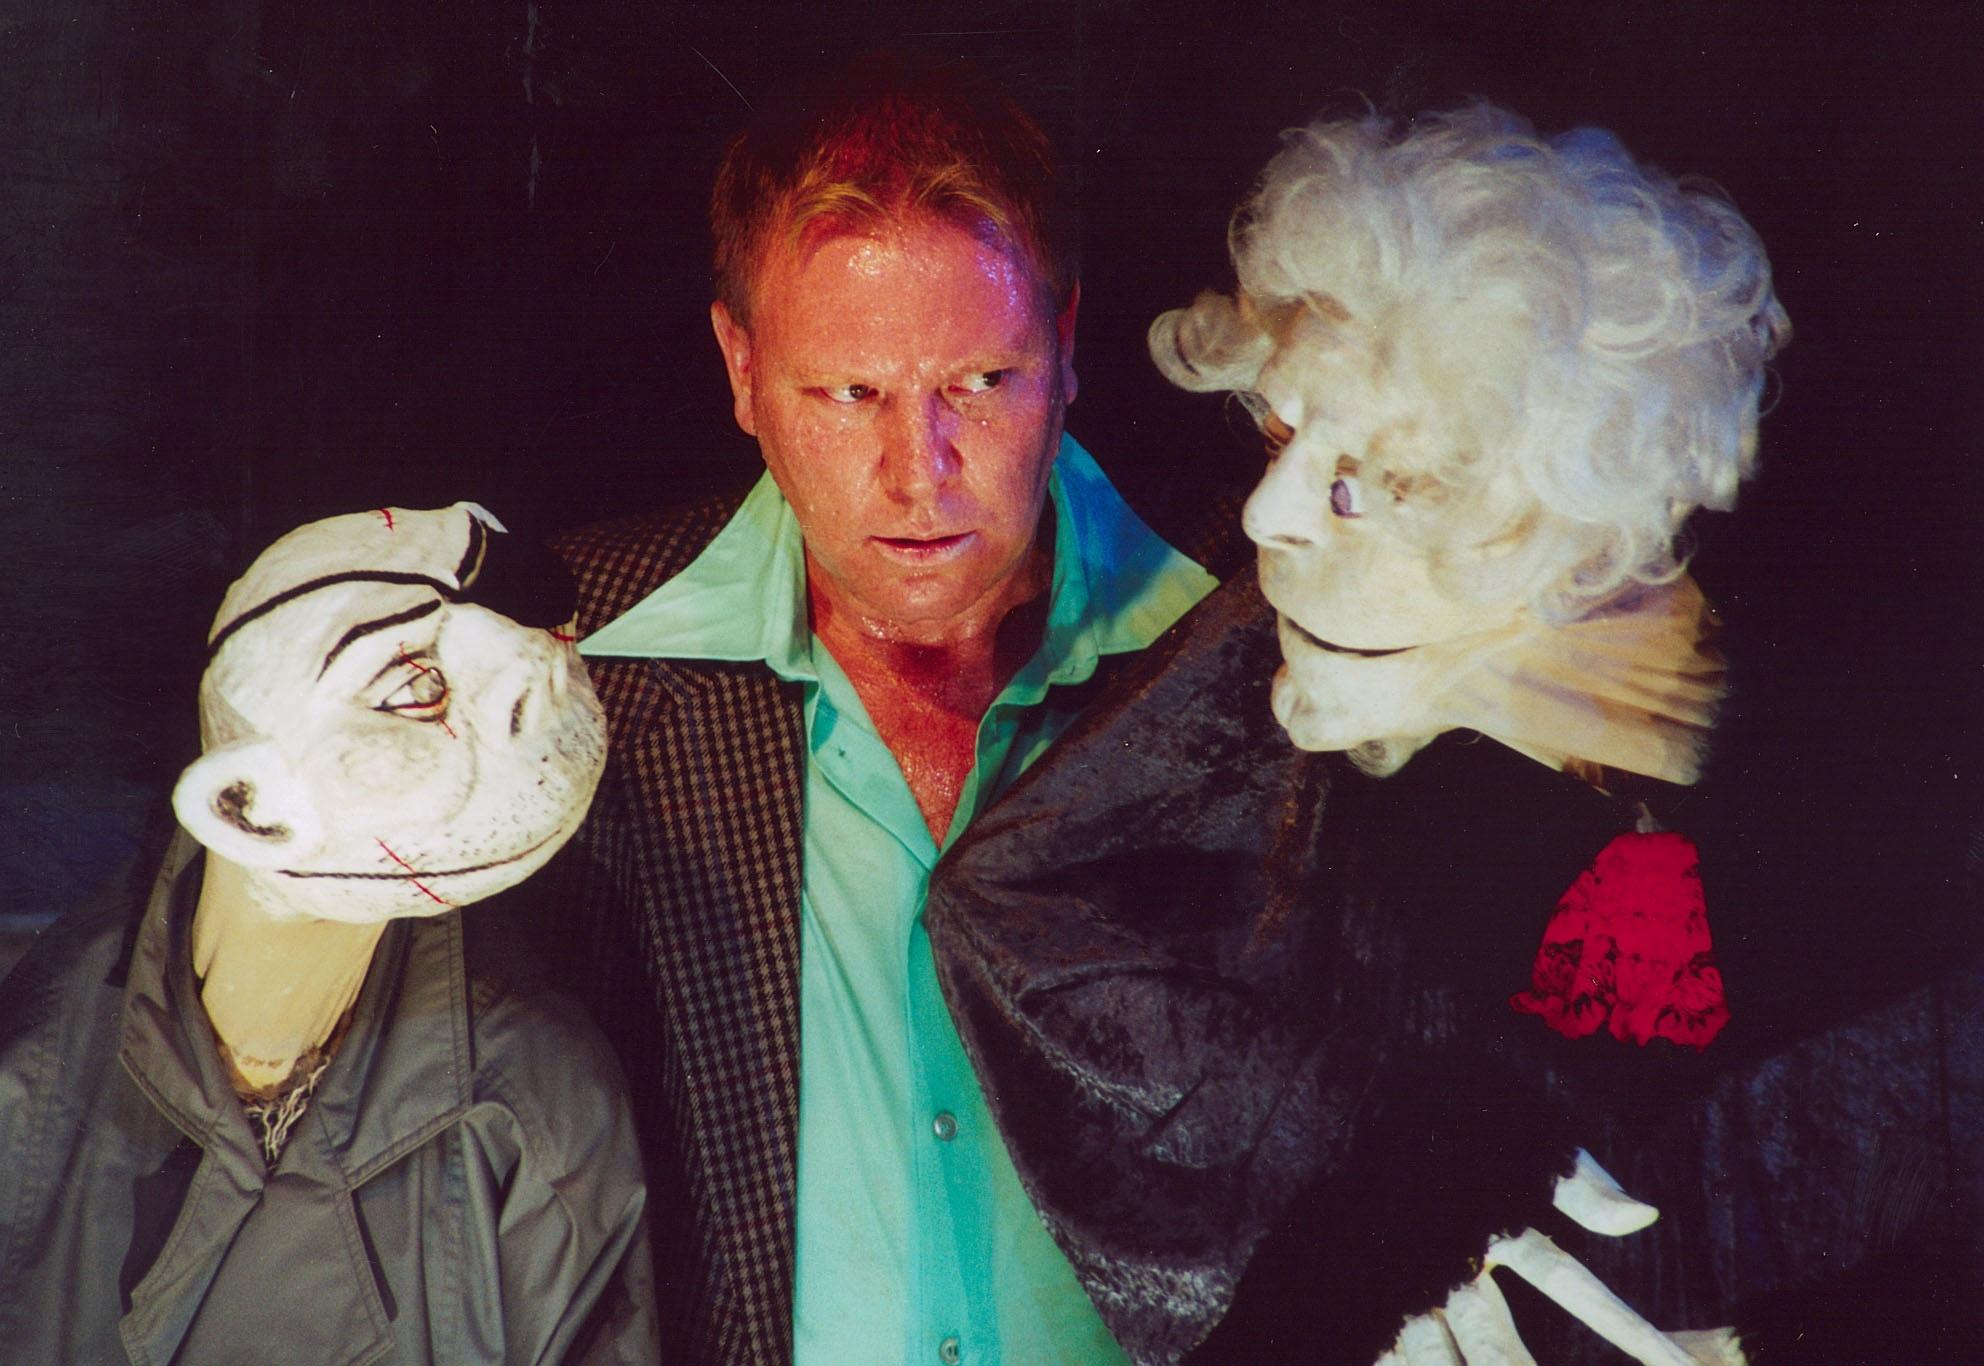 El Festival de Marionetas y Teatro Infantil de Logroño incluye once espectáculos hasta el 30 de diciembre